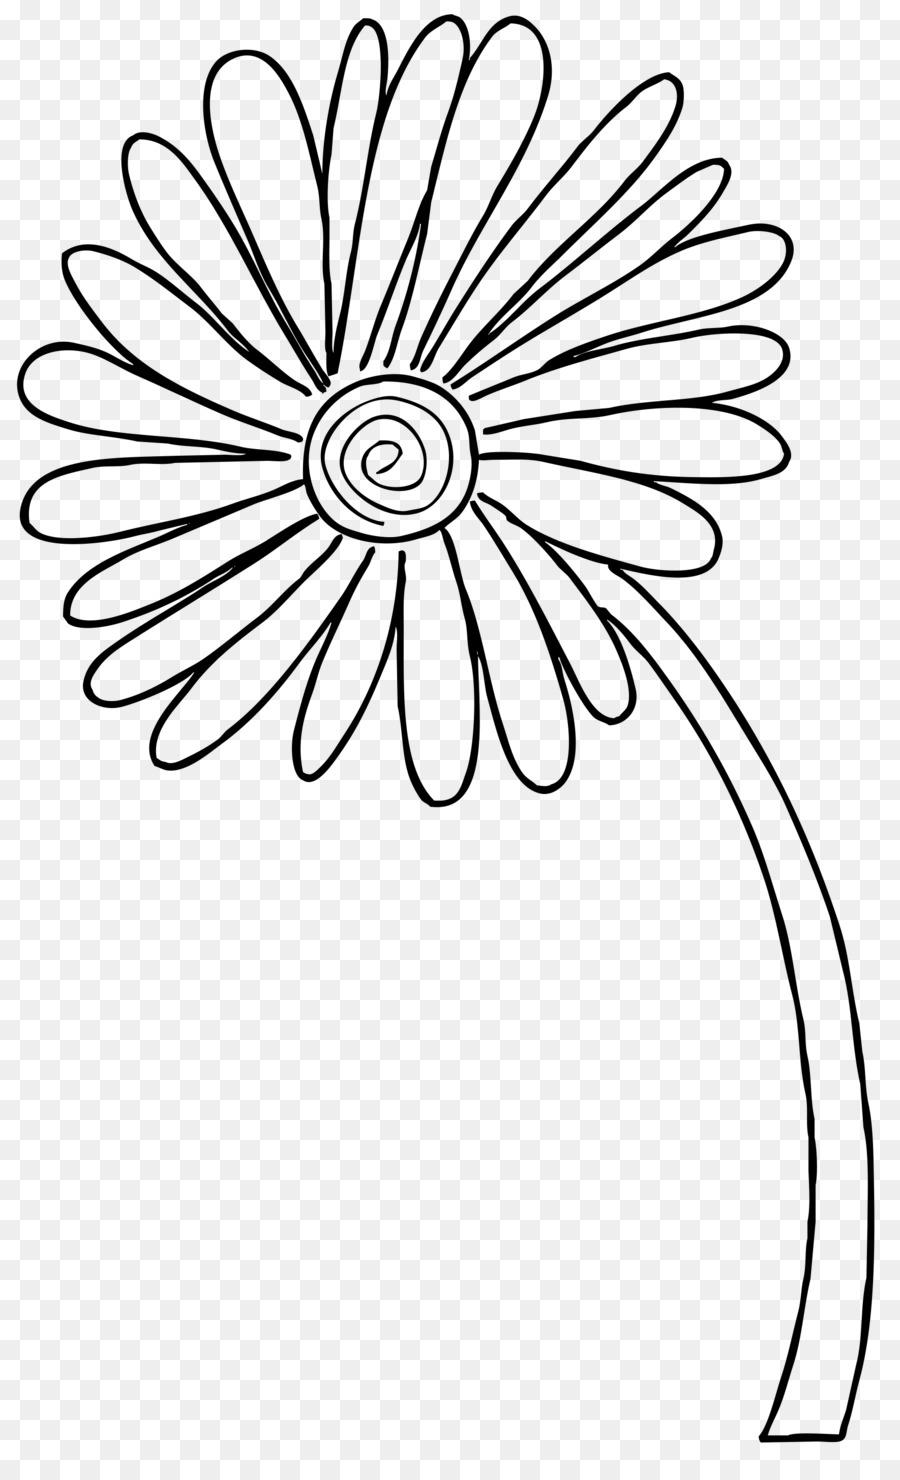 Diseño Floral de la Flor de la Colcha de Pétalos de Patrón - flor ...